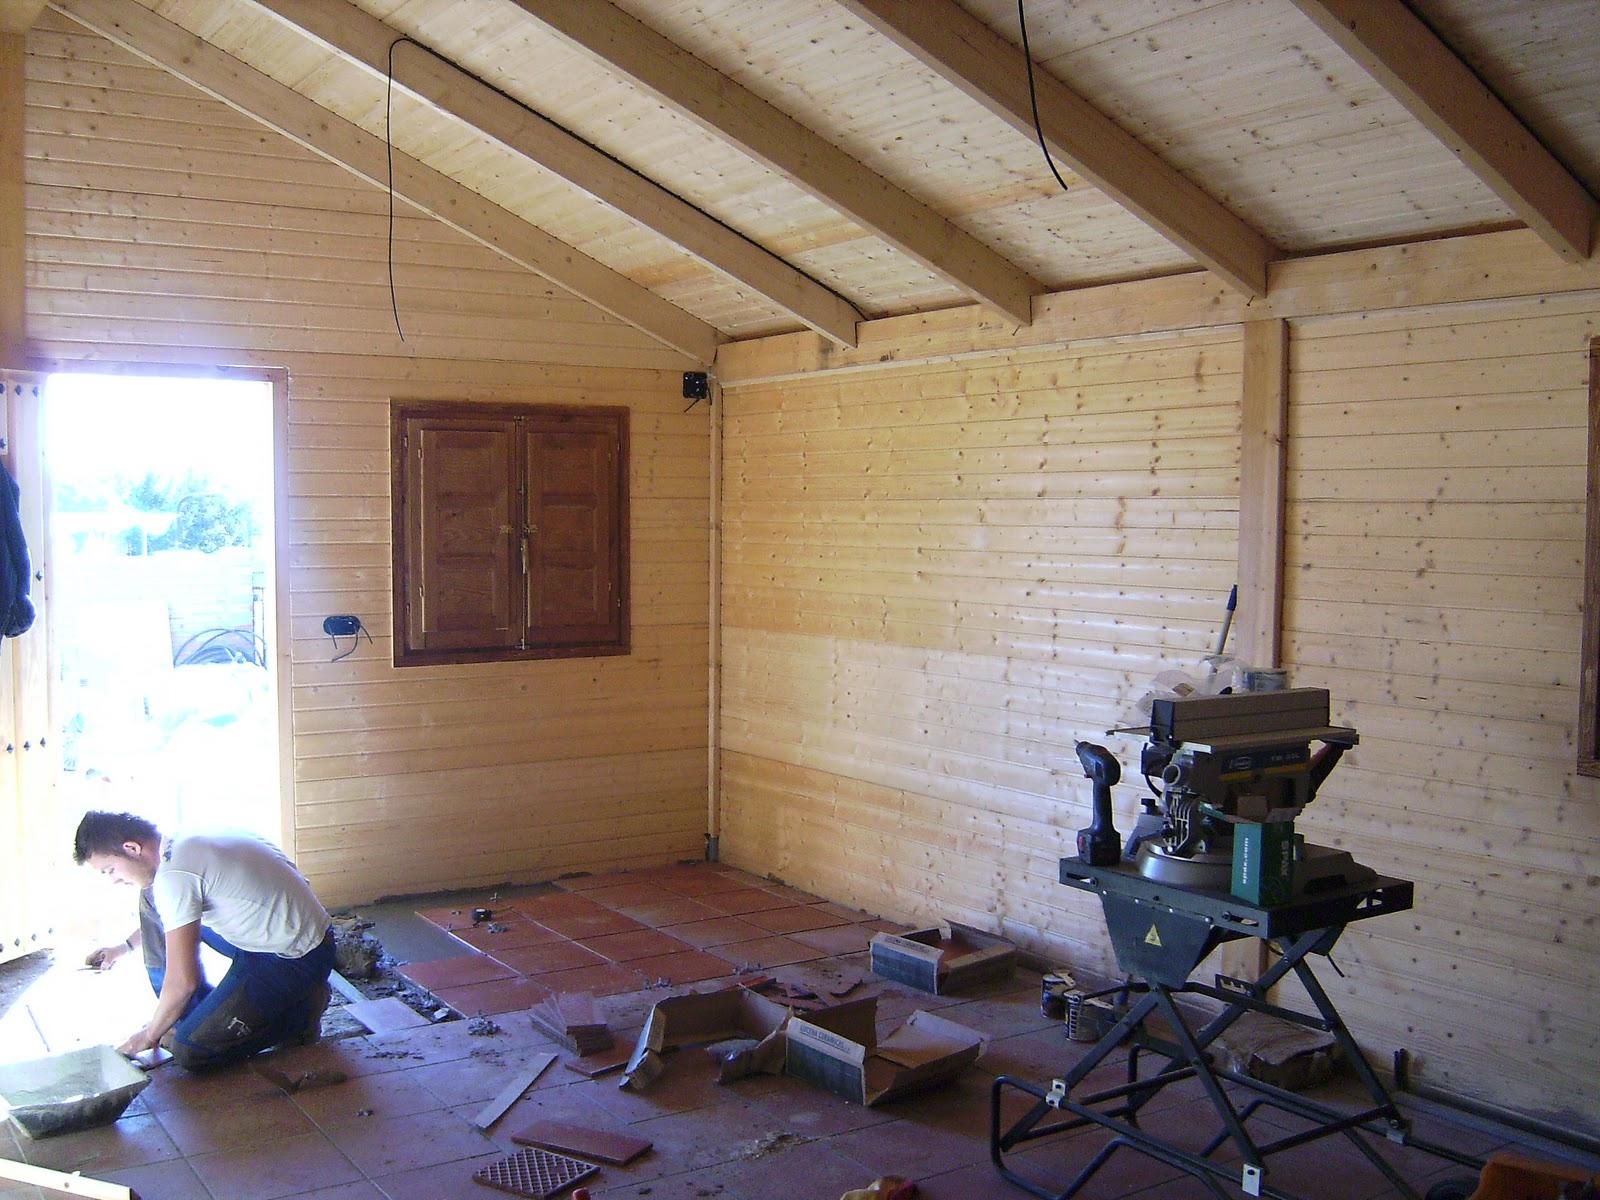 Casas de entramado de madera 2. Estructura del suelo-Casas Ecológicas